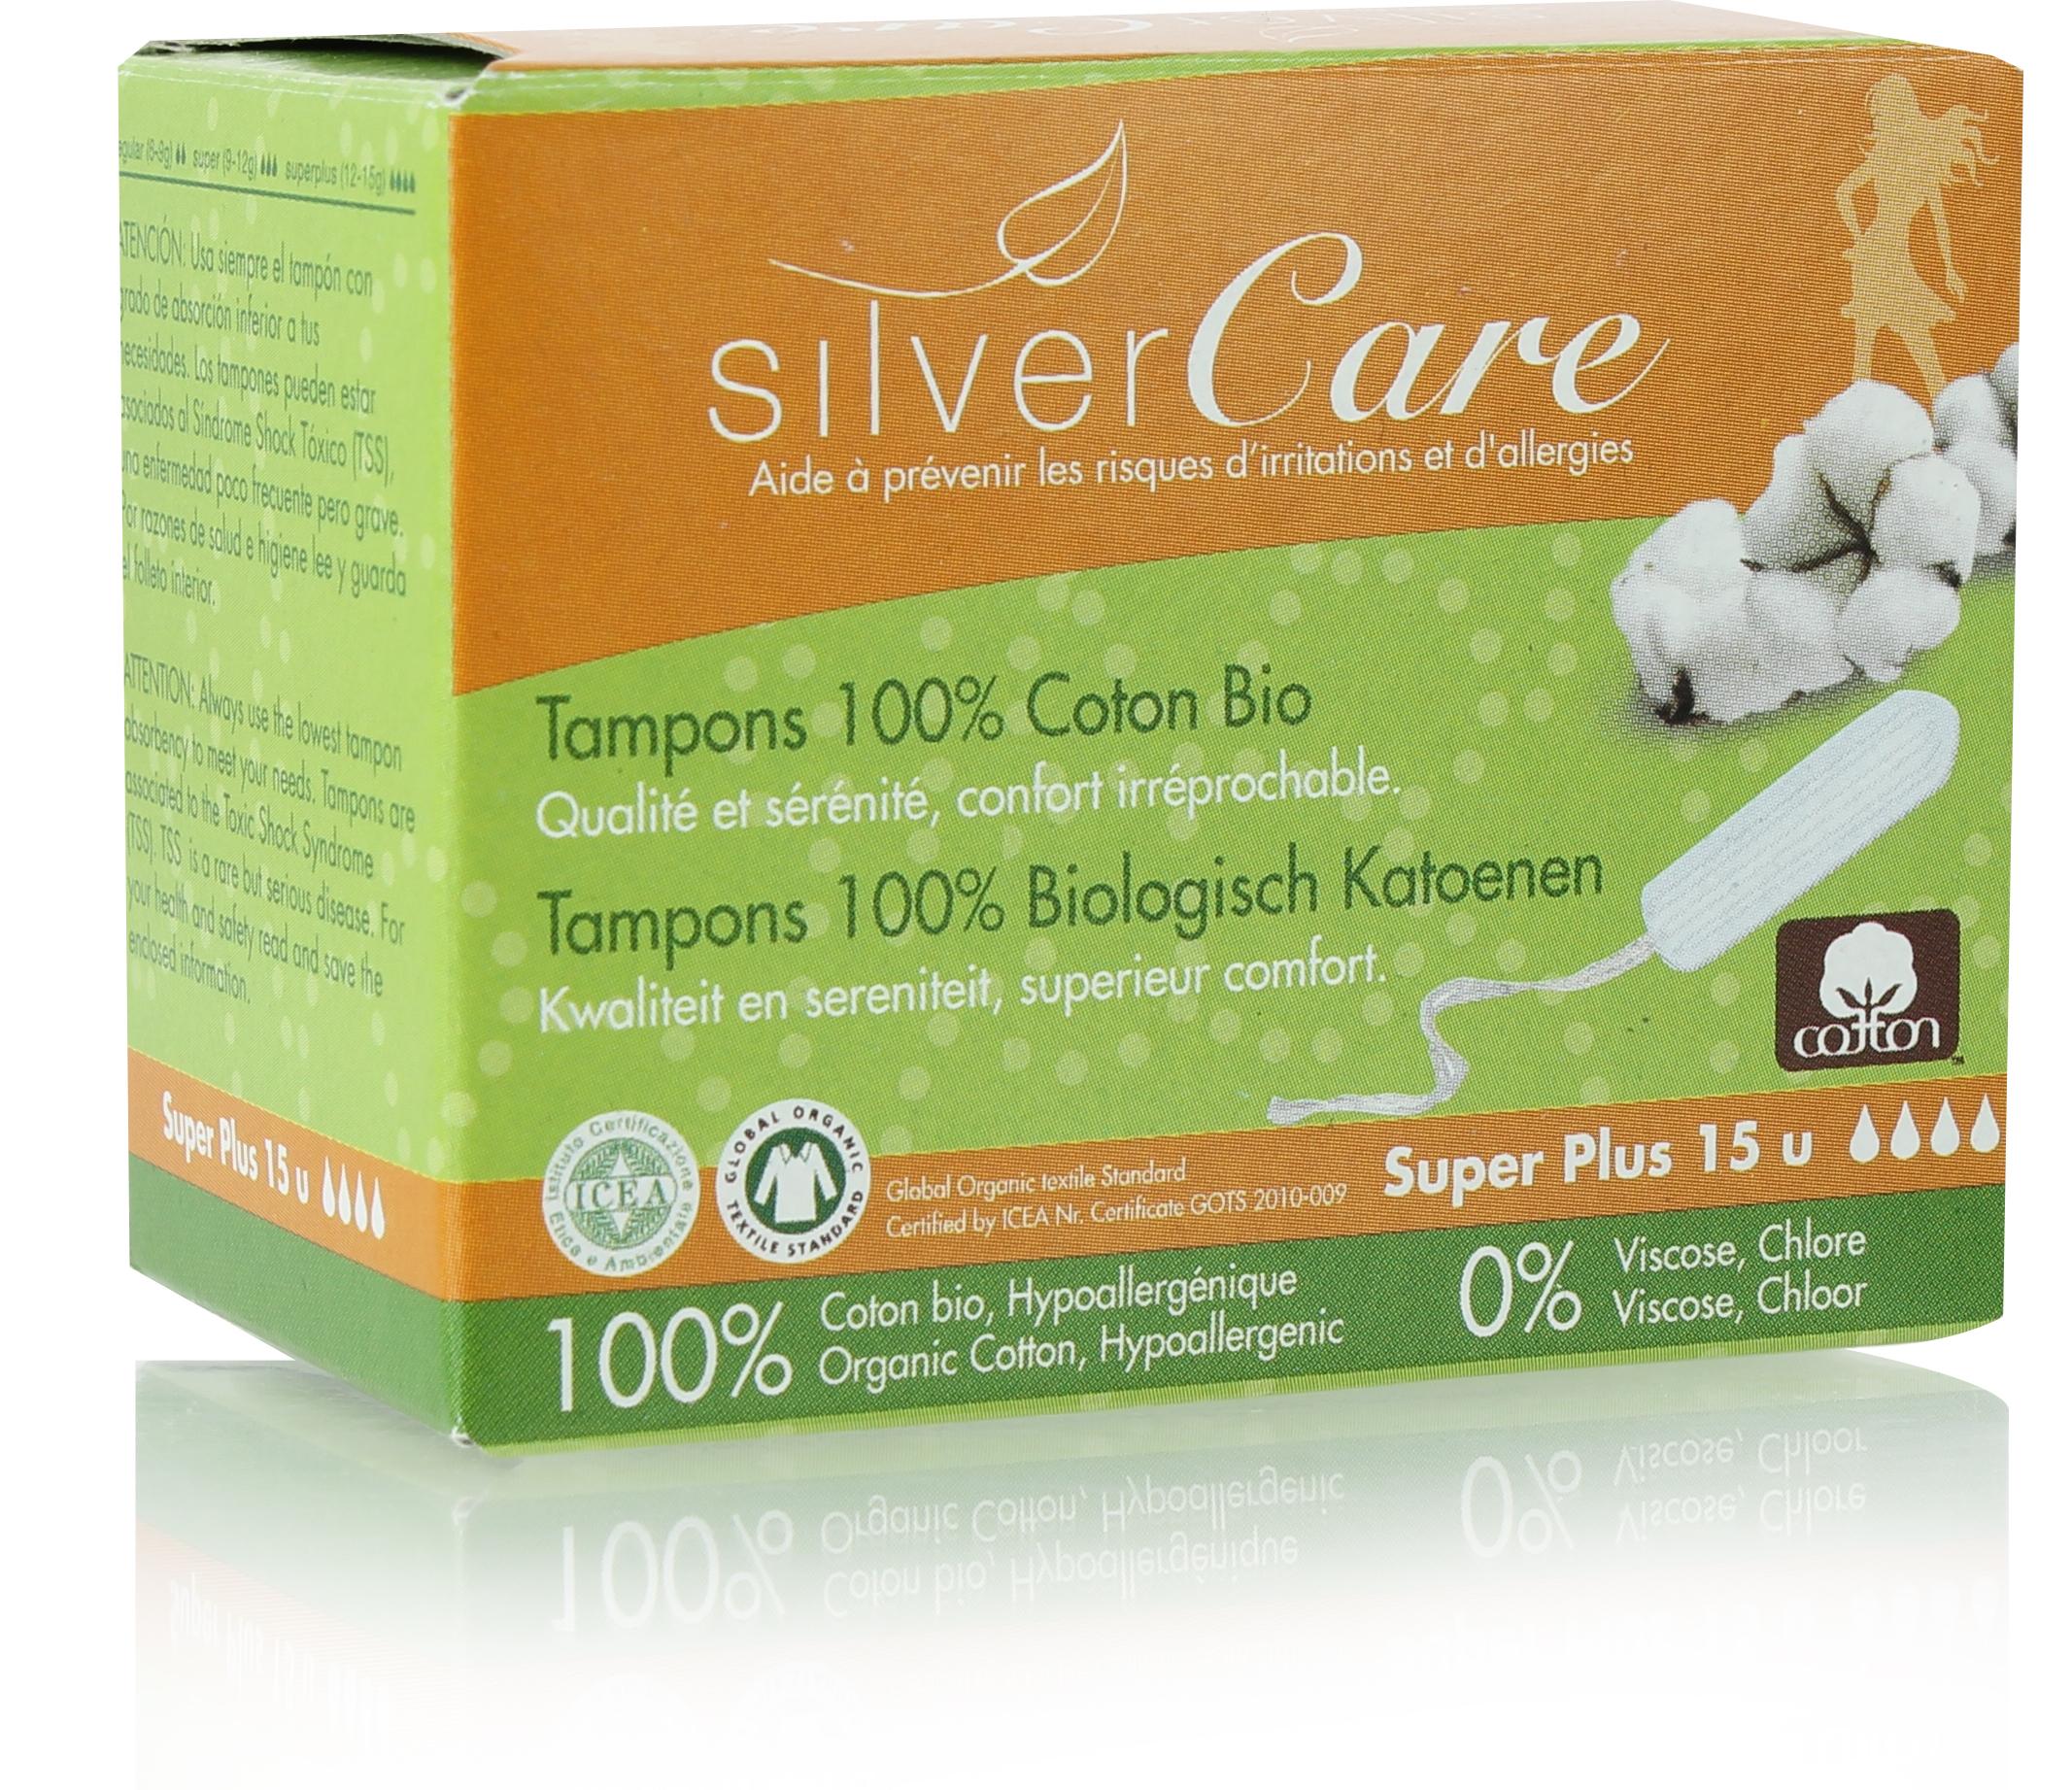 Doux Good - Silvercare - tampon bio  super+ sans applicateur